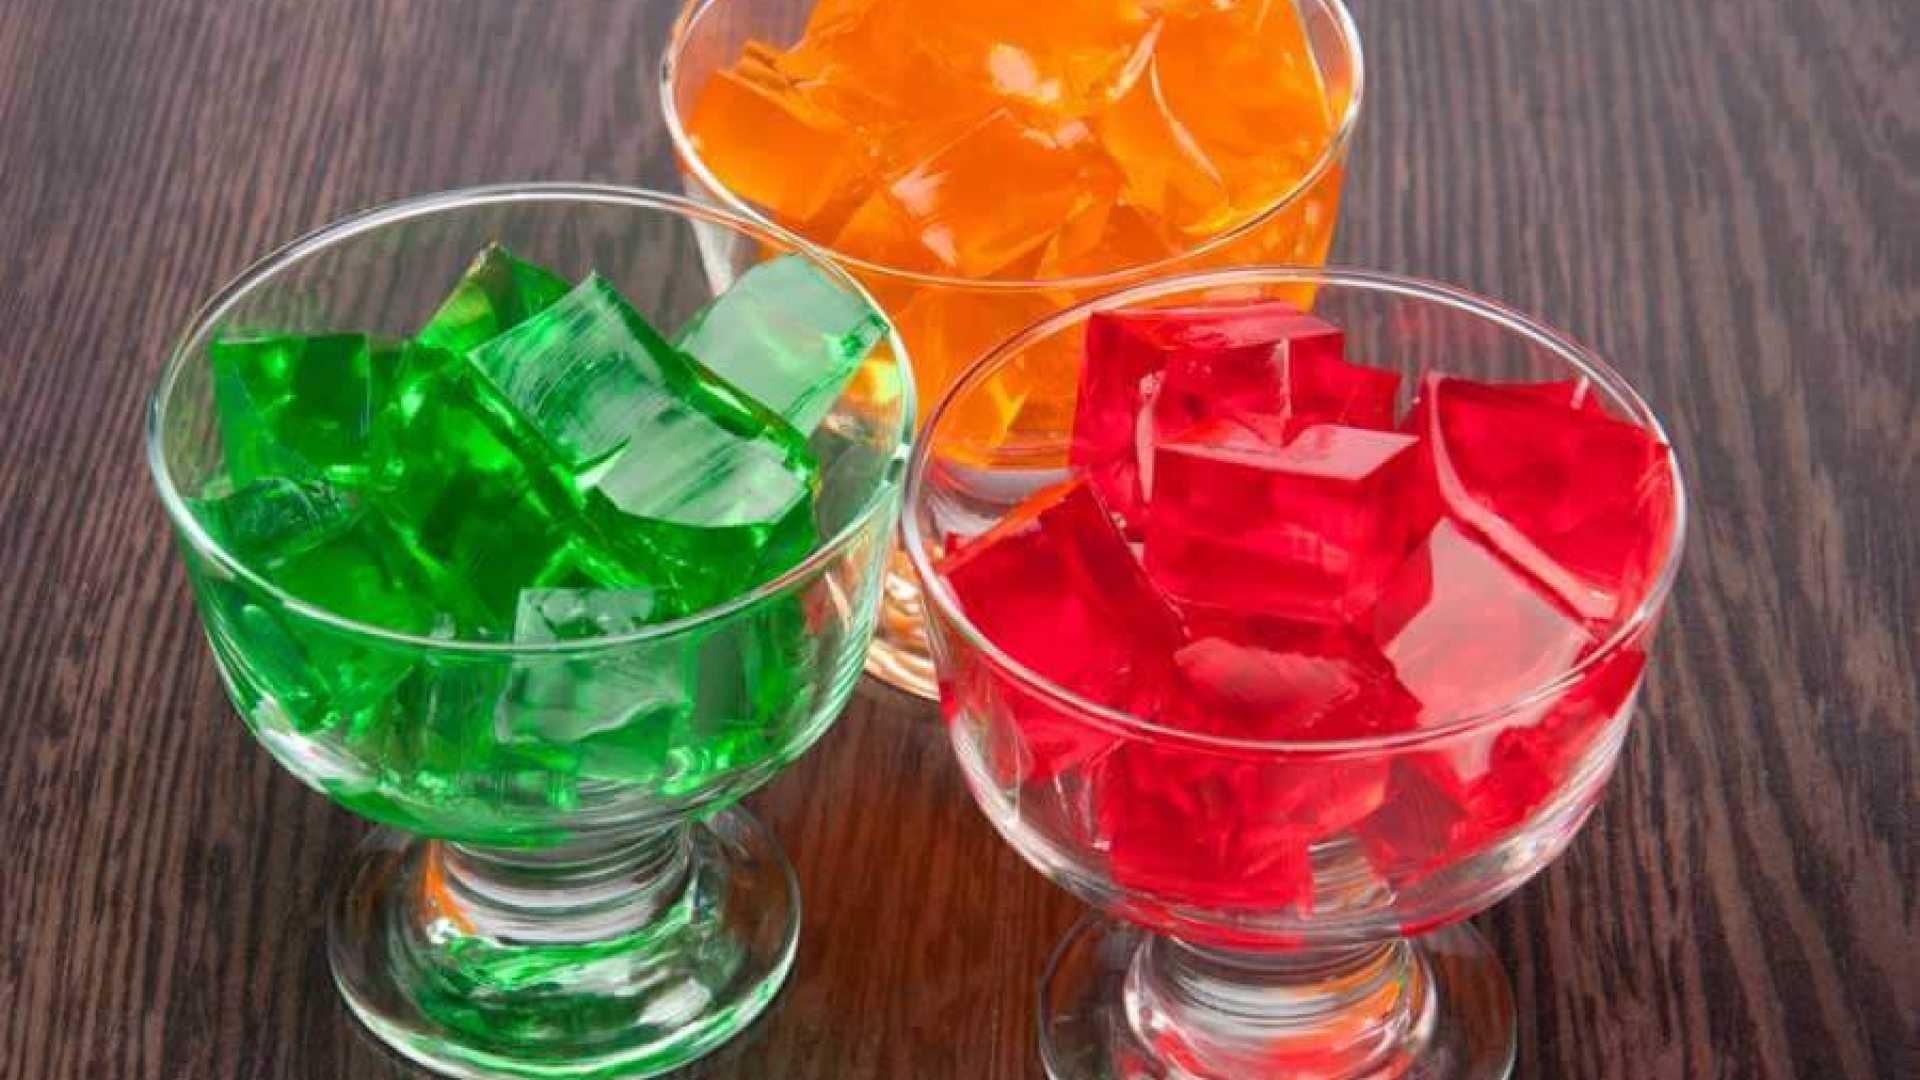 Zselatin kollagén por helyett nem jó választás <br>A zselatin, azaz főtt kollagén inkább maradjon a cukrászat kiegészítője!